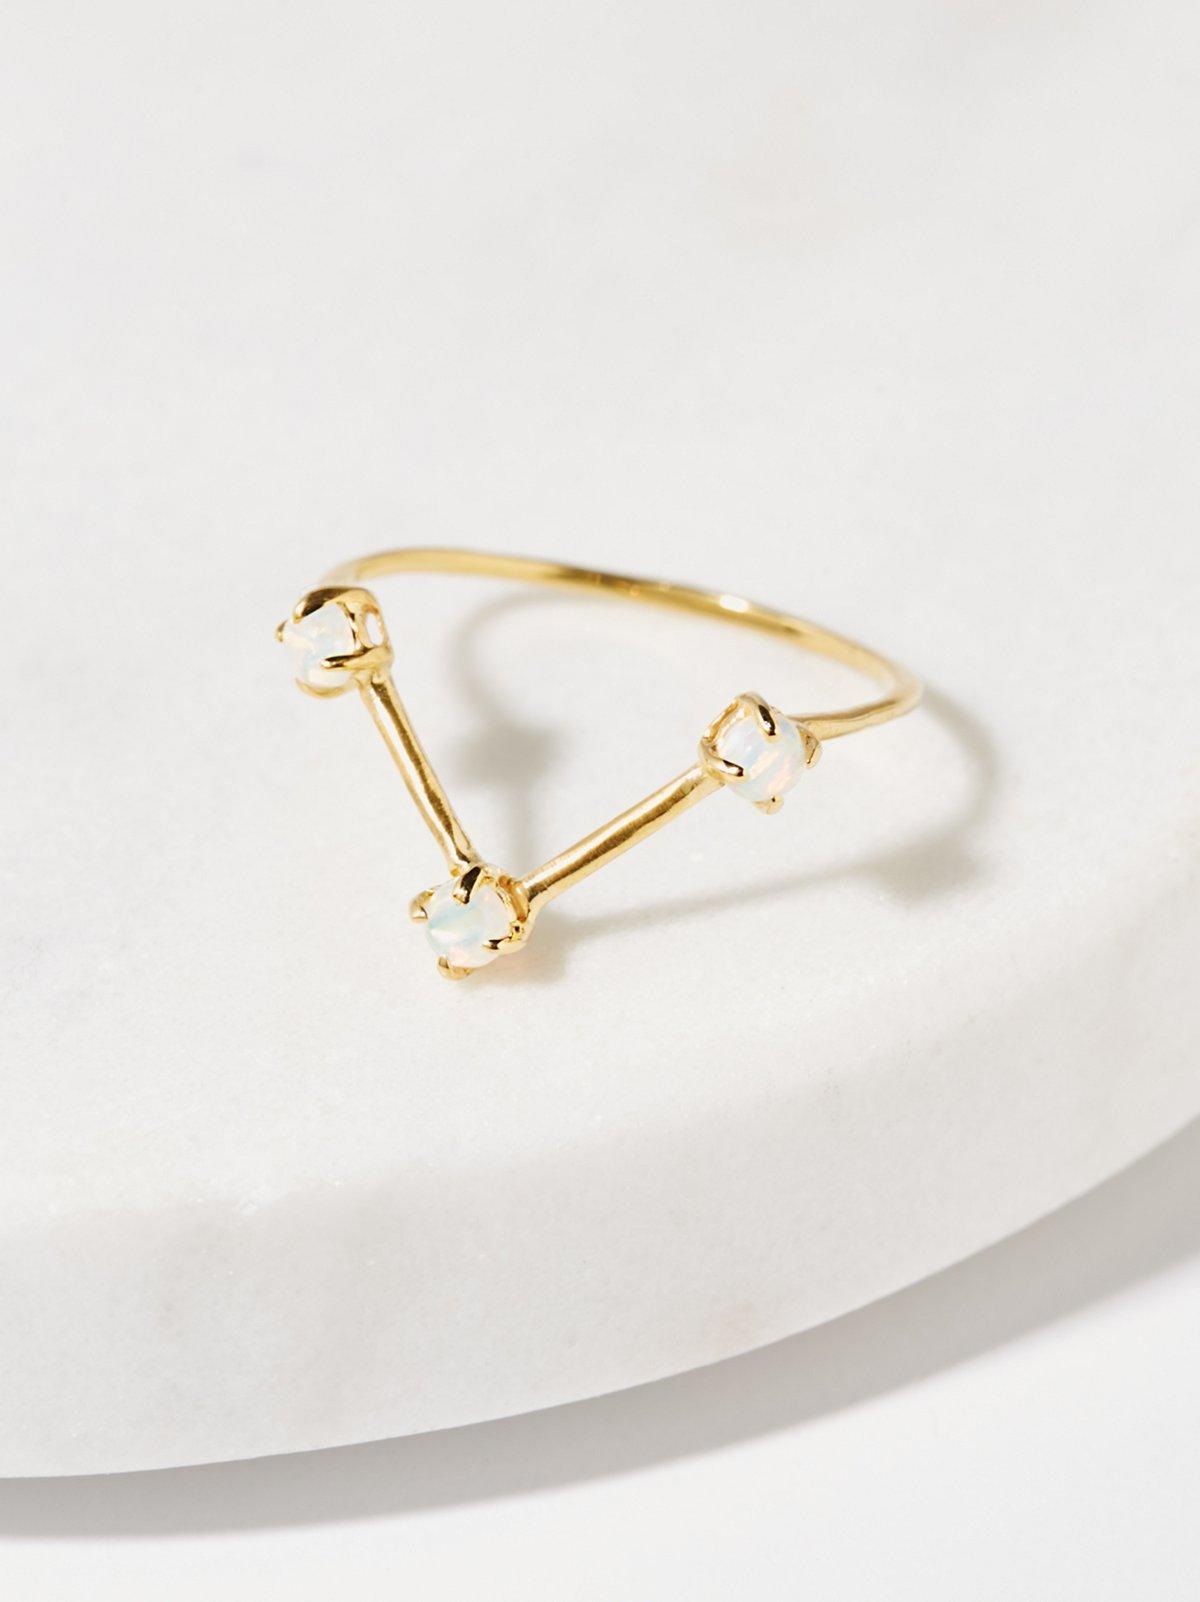 Triple Opal Delicate Ring